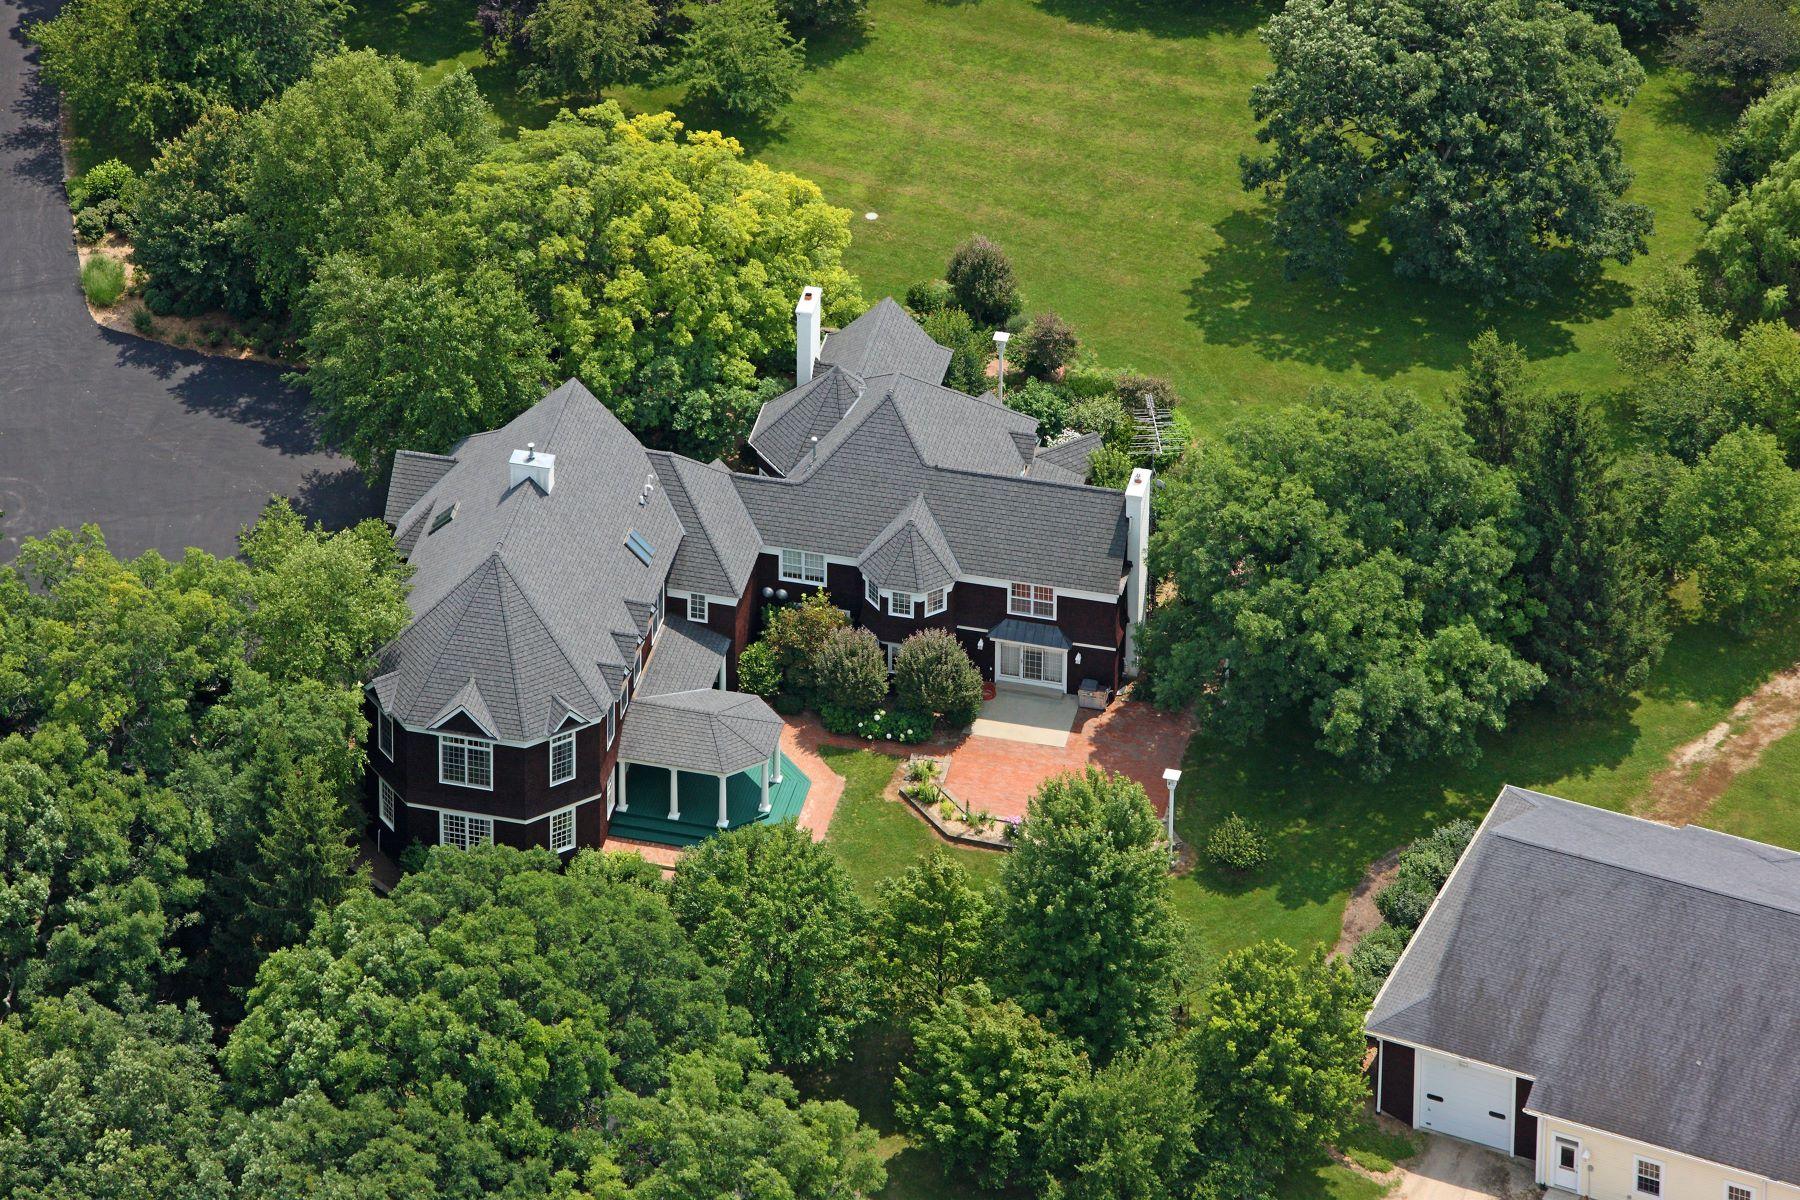 Single Family Homes для того Продажа на Stunning Cape Cod Estate 16556b County Line Road Capron, Иллинойс 61012 Соединенные Штаты